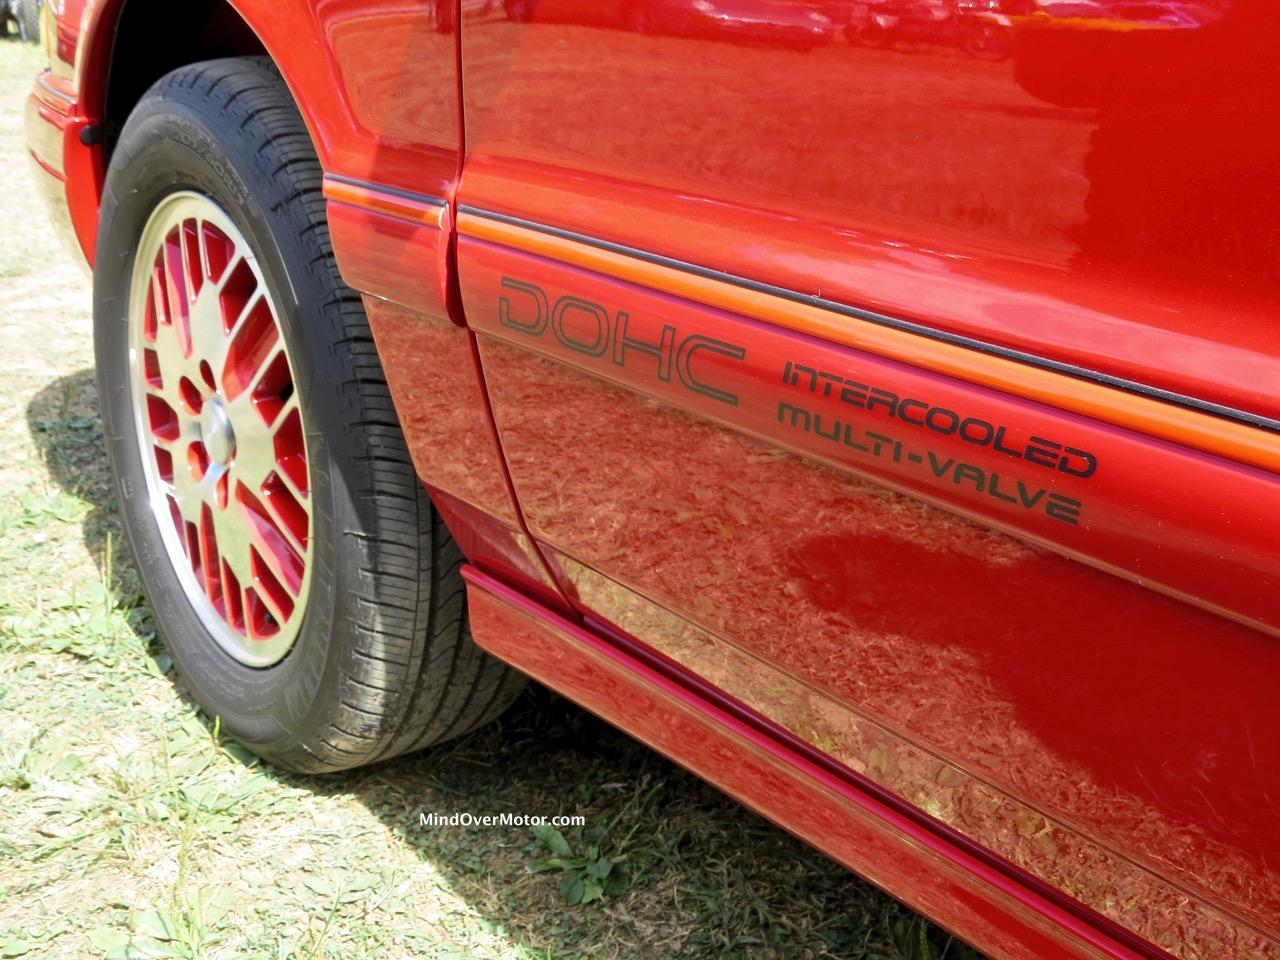 1991 Dodge Spirit R:T Badge